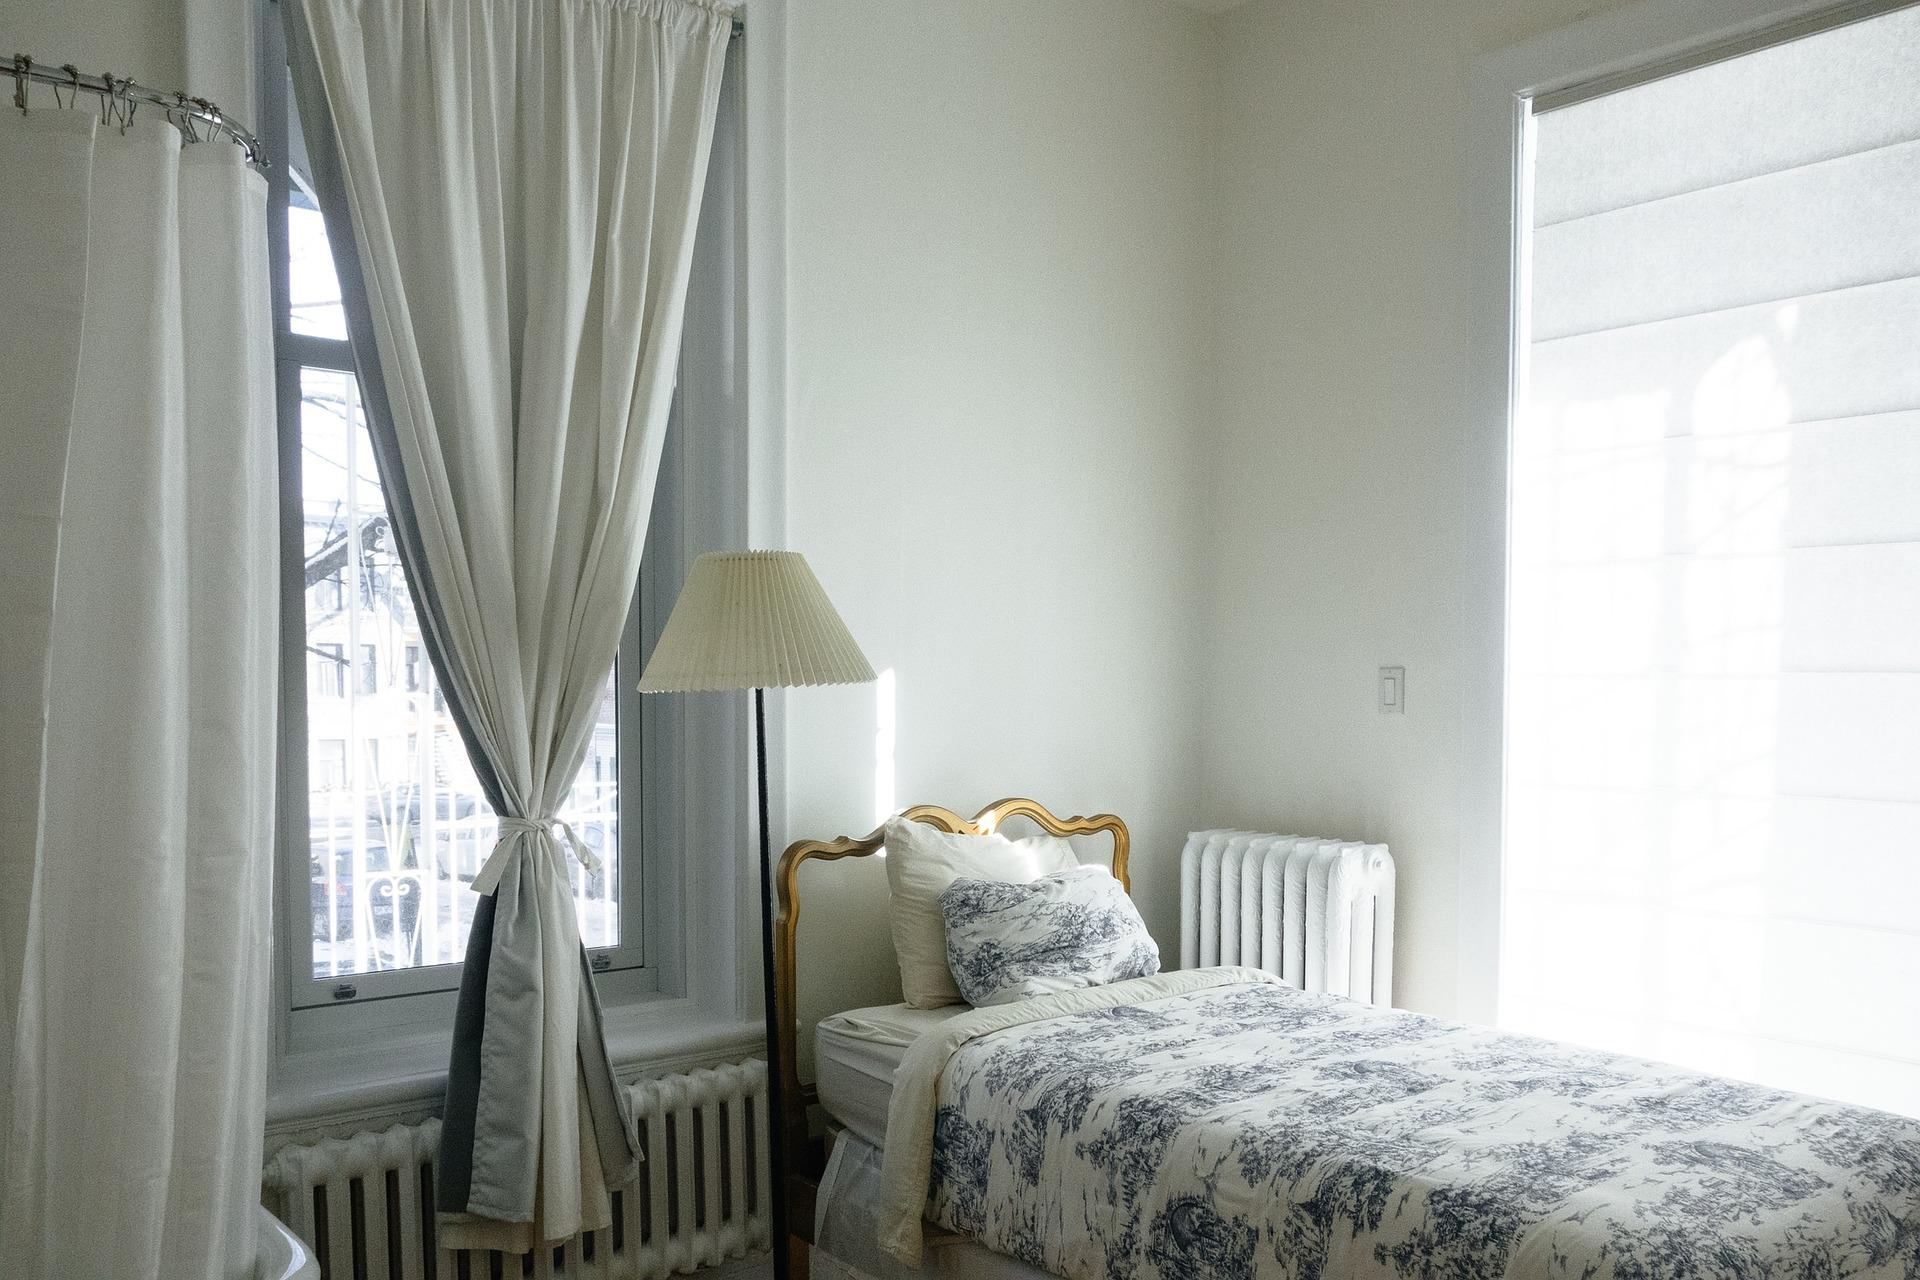 Który z 4 sposobów zasłaniania okien najbardziej lubisz?